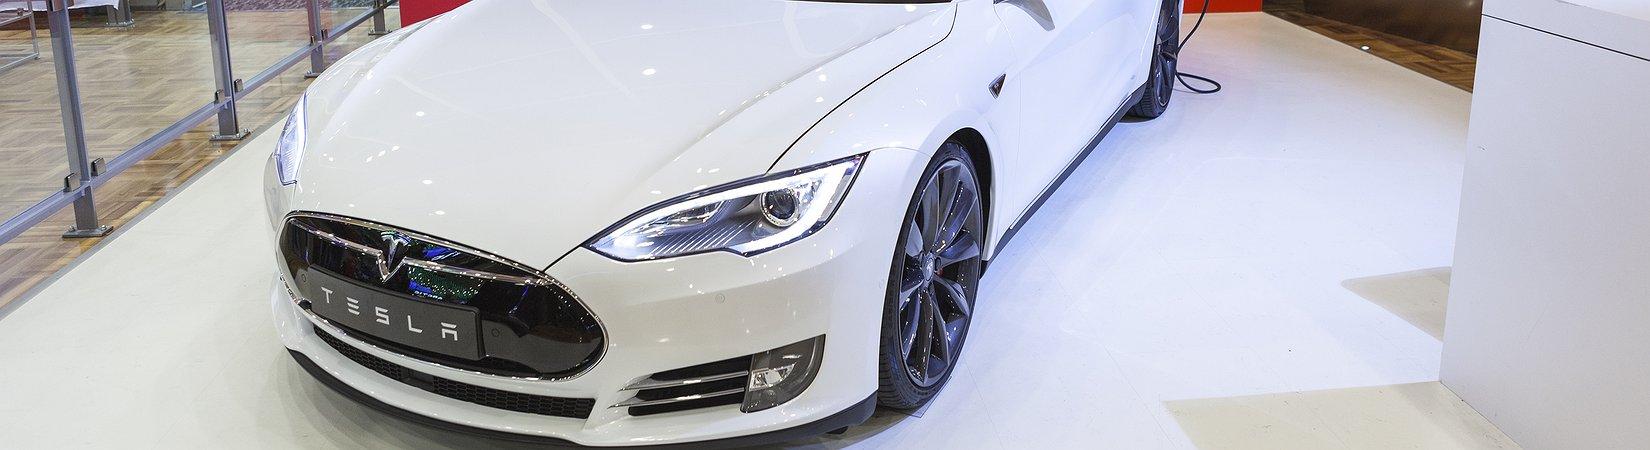 Tesla обошла по капитализации Ford, GM, а теперь и BMW